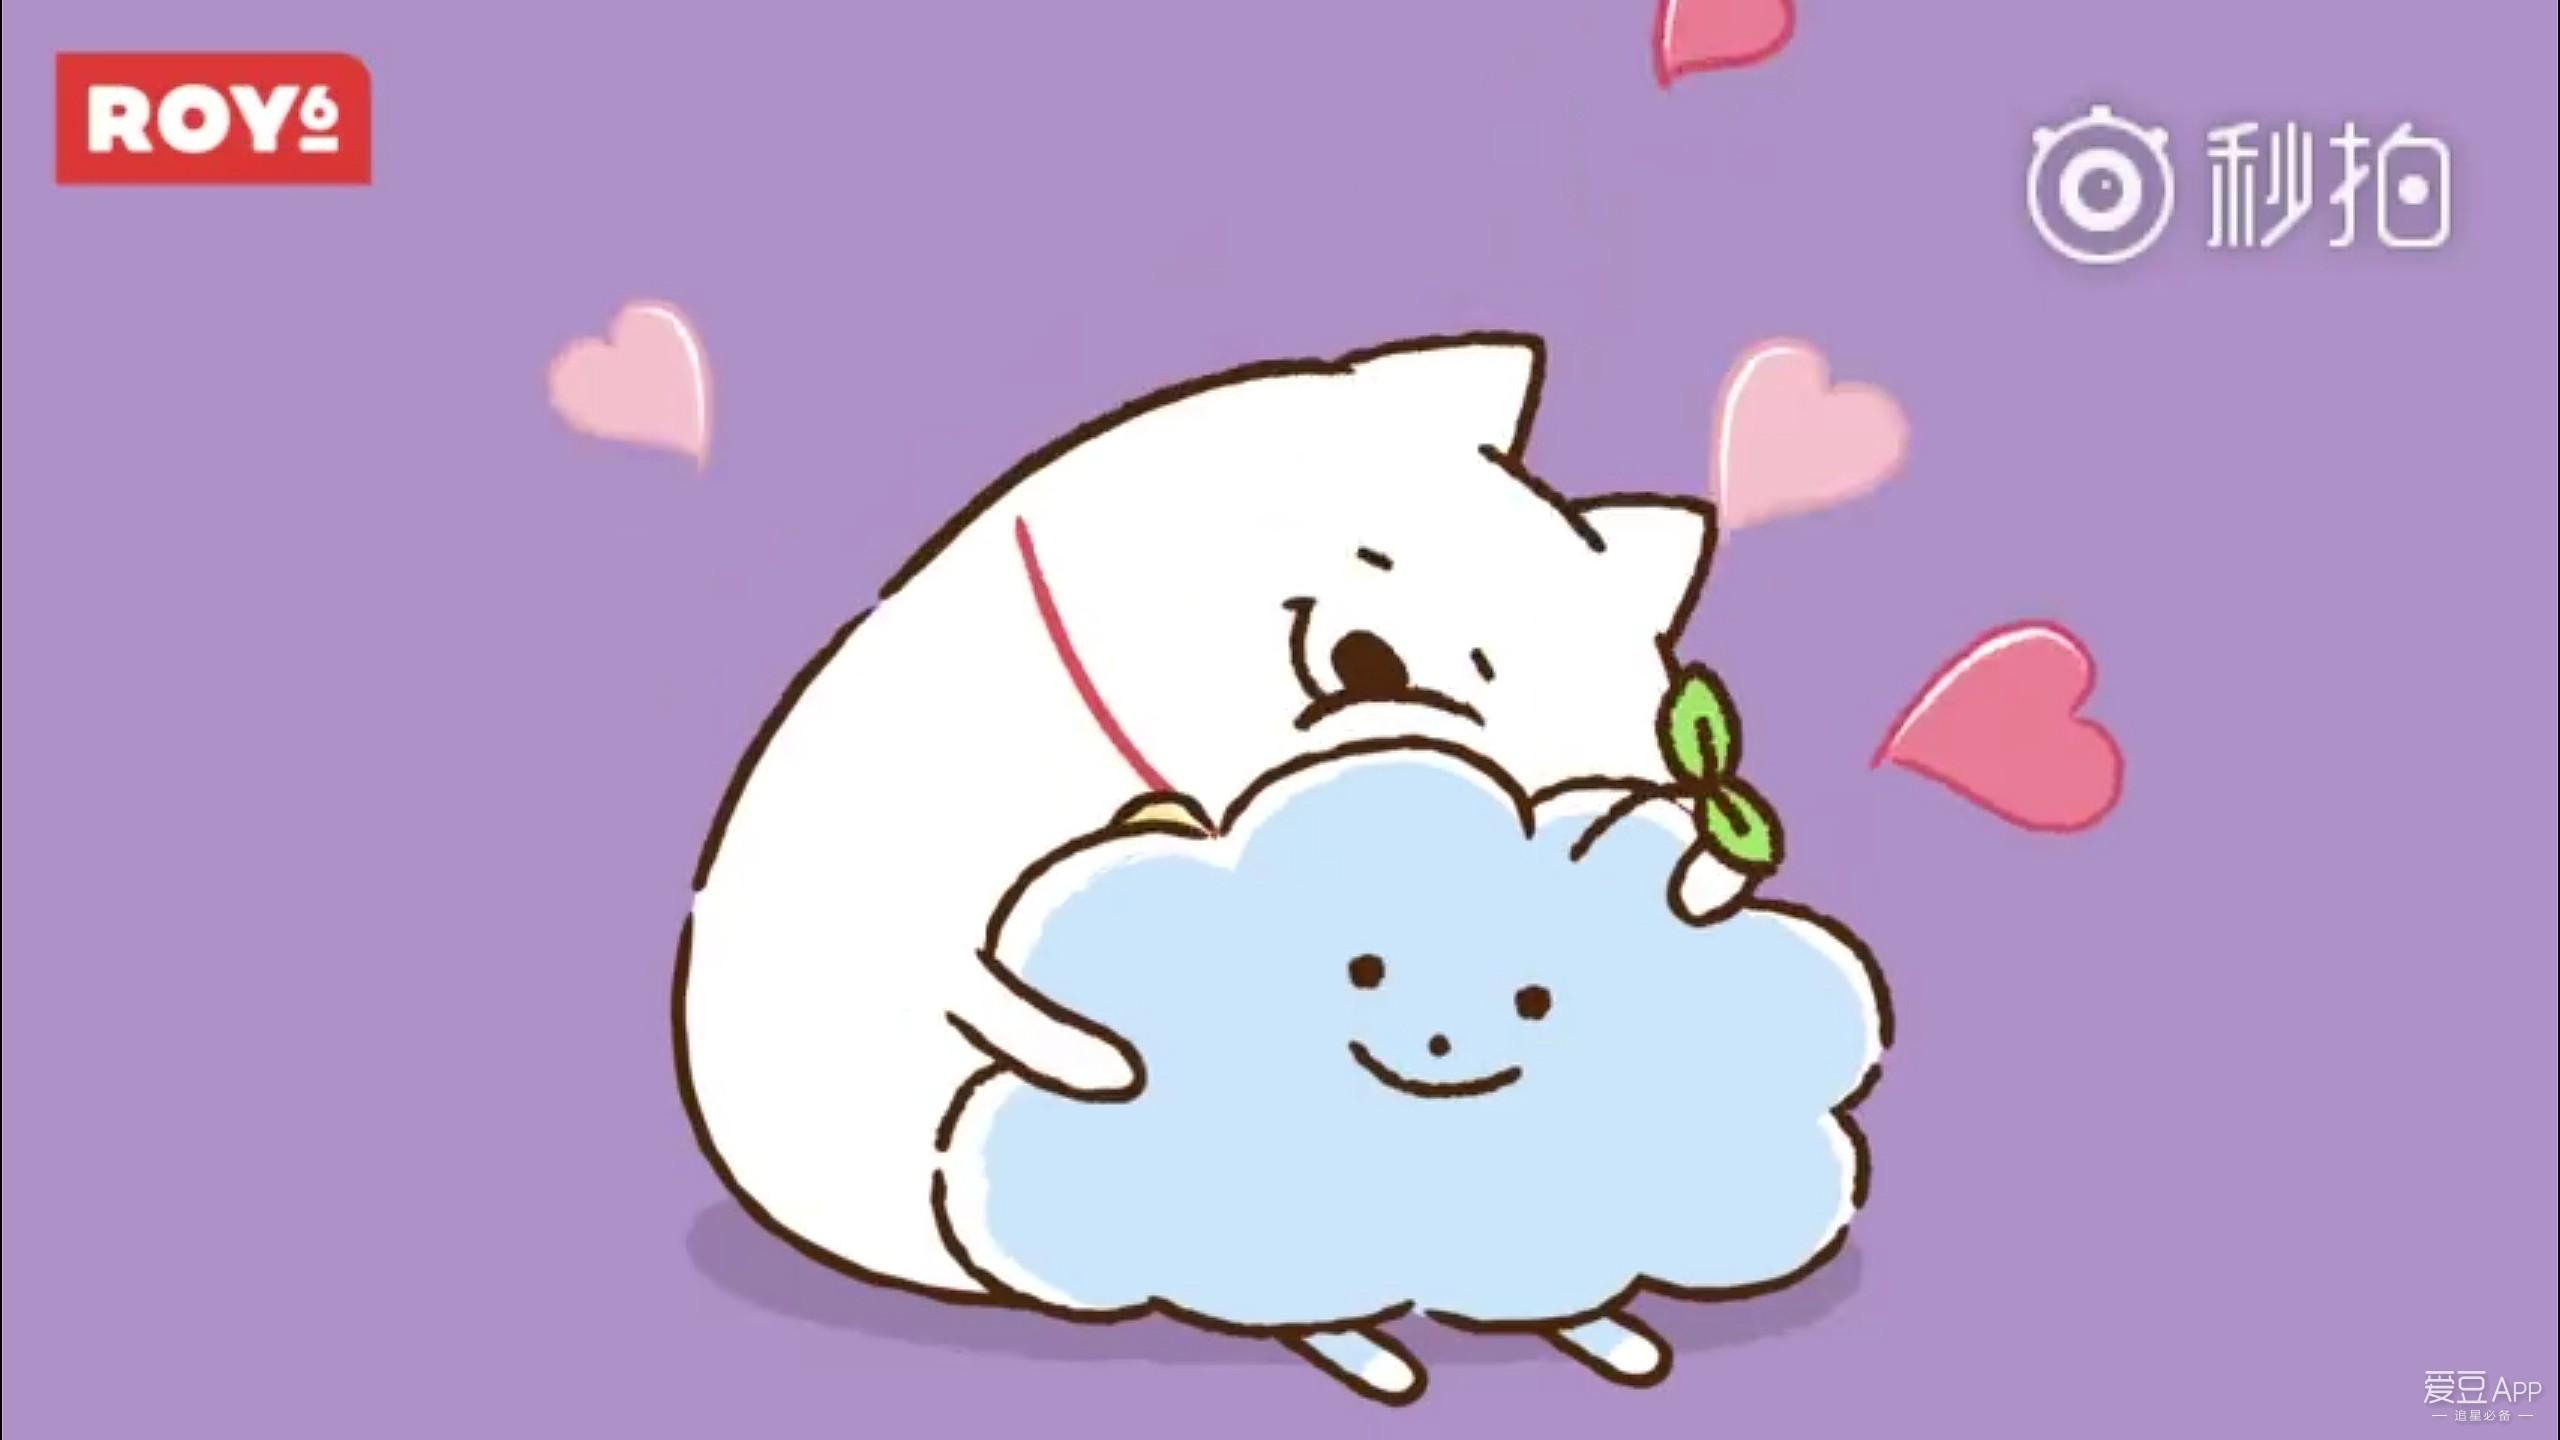 看到这么可爱的画面,大家是不是也想要源哥的拥抱呢?